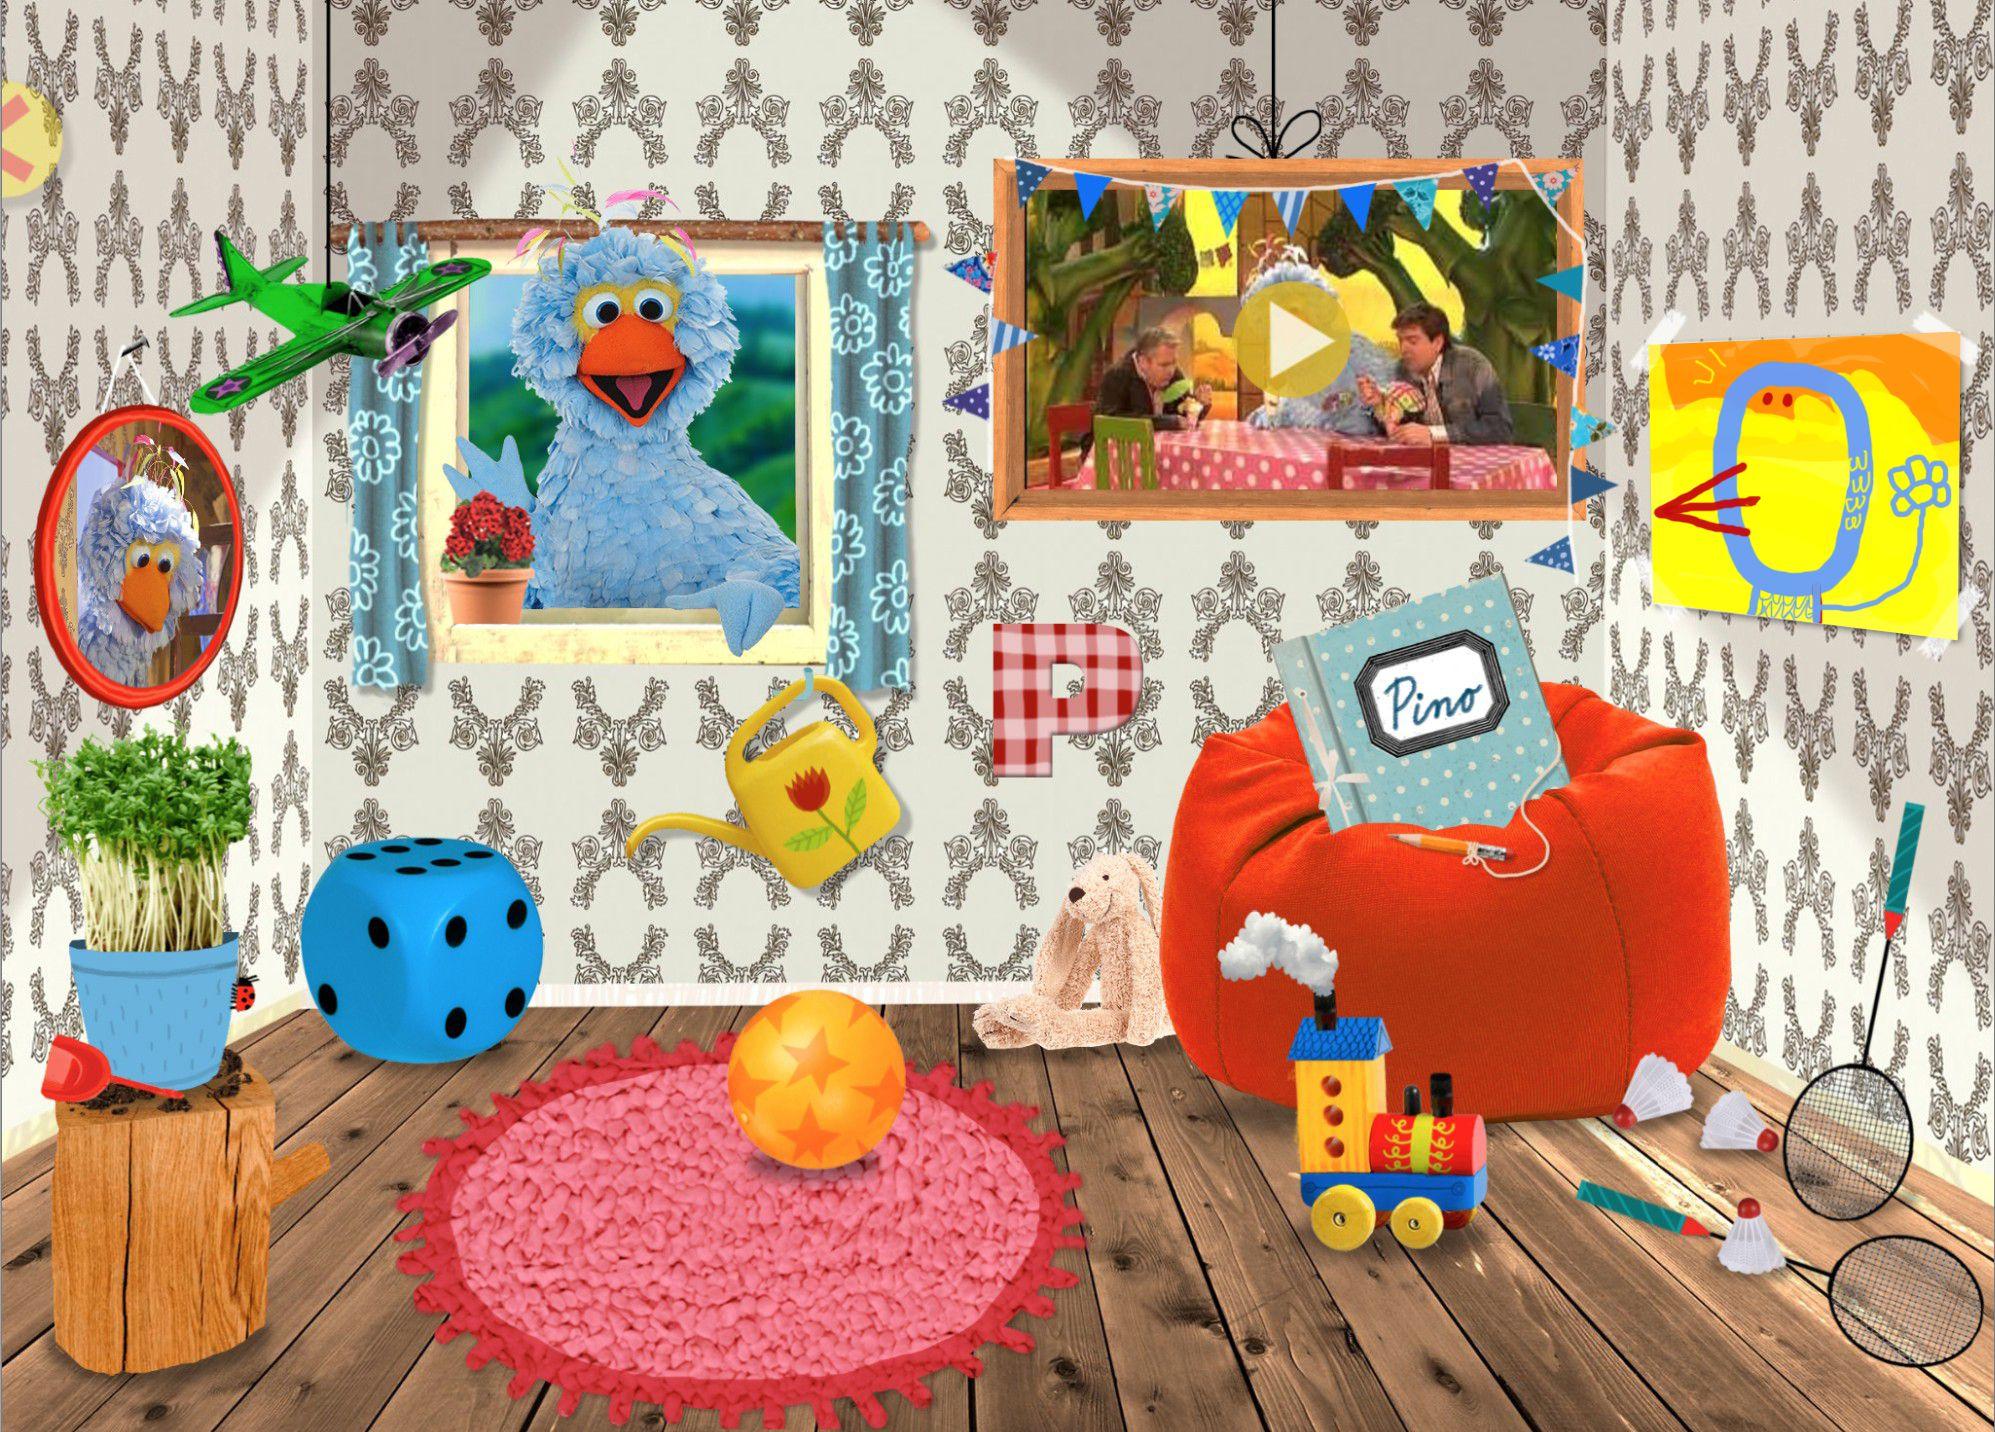 De kamer van Pino! – sesamstraat.nl